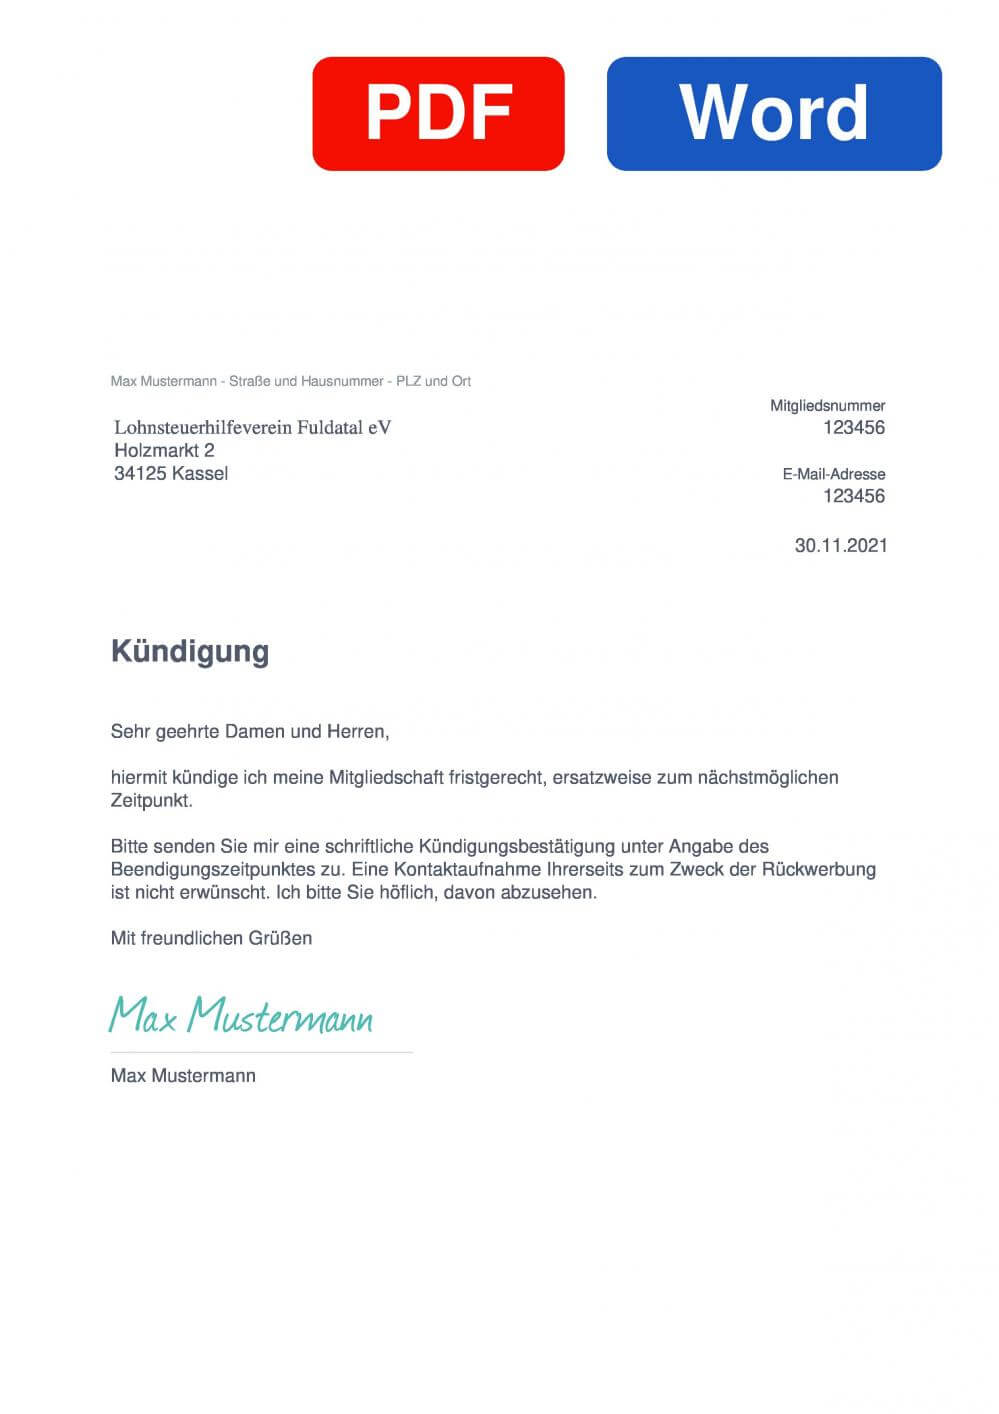 Lohnsteuerhilfeverein Fuldatal Muster Vorlage für Kündigungsschreiben